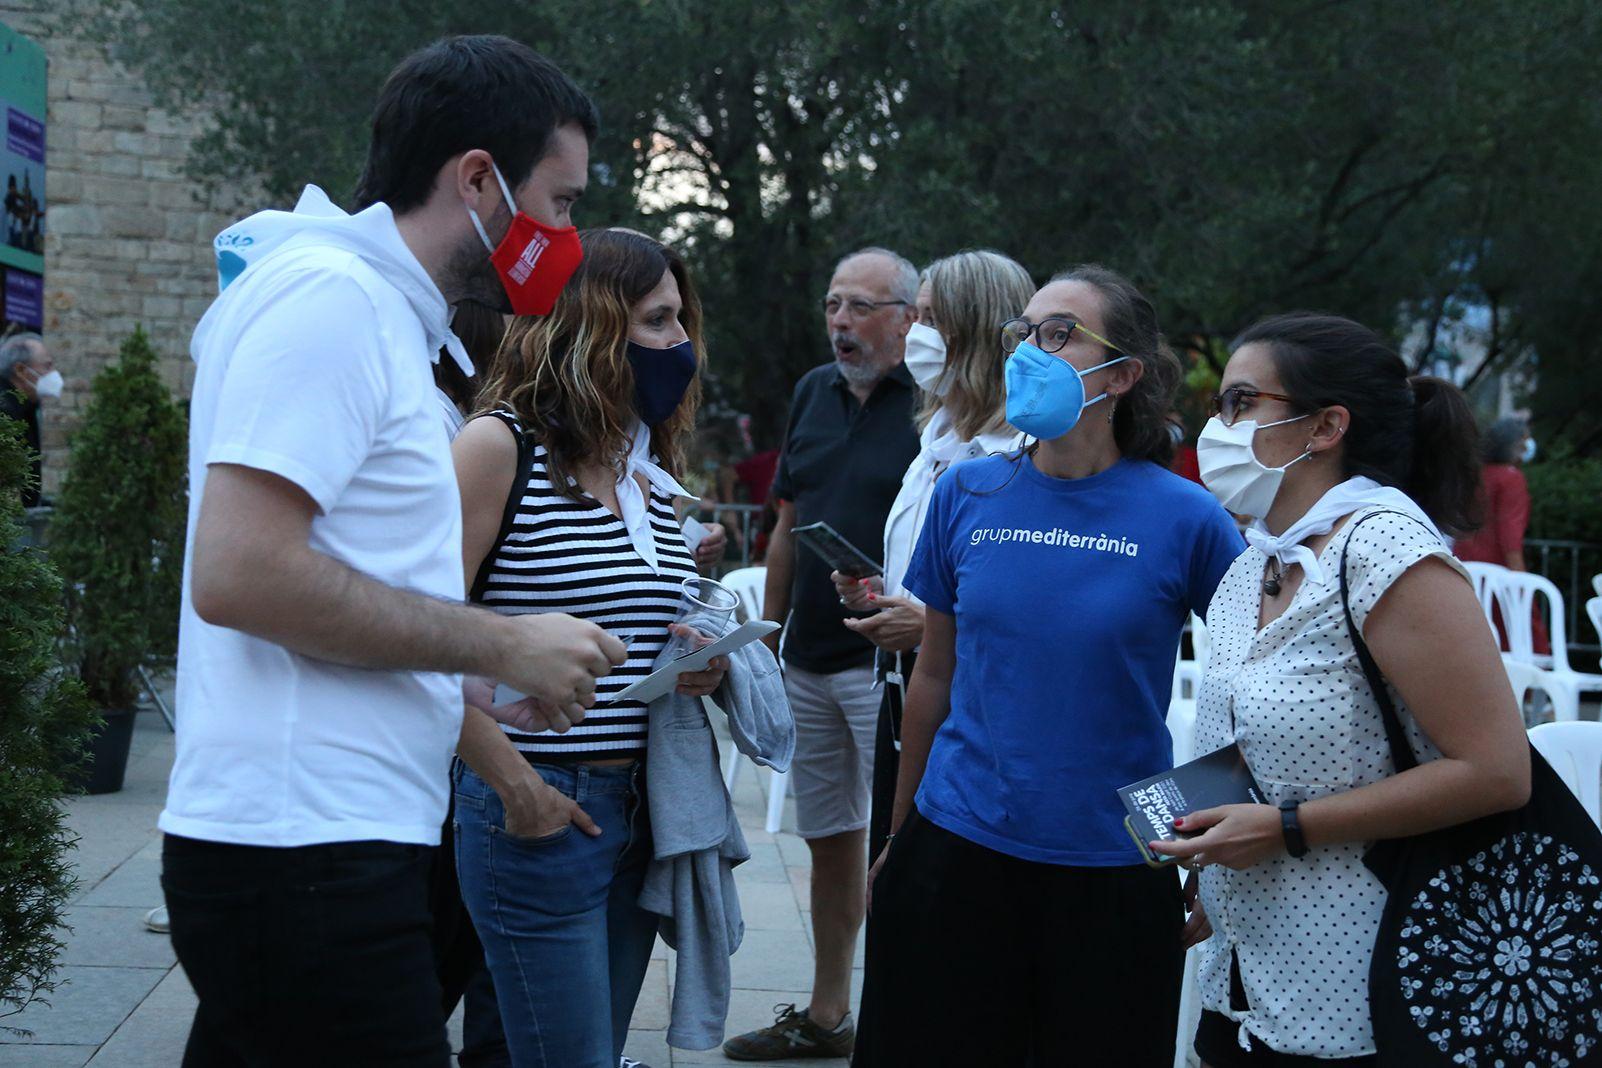 Raúl Romeva, la Consellera de Predisència i Mireia Ingla asisteixen a l'espectacle del Grup Mediterrània. Foto: Anna Bassa